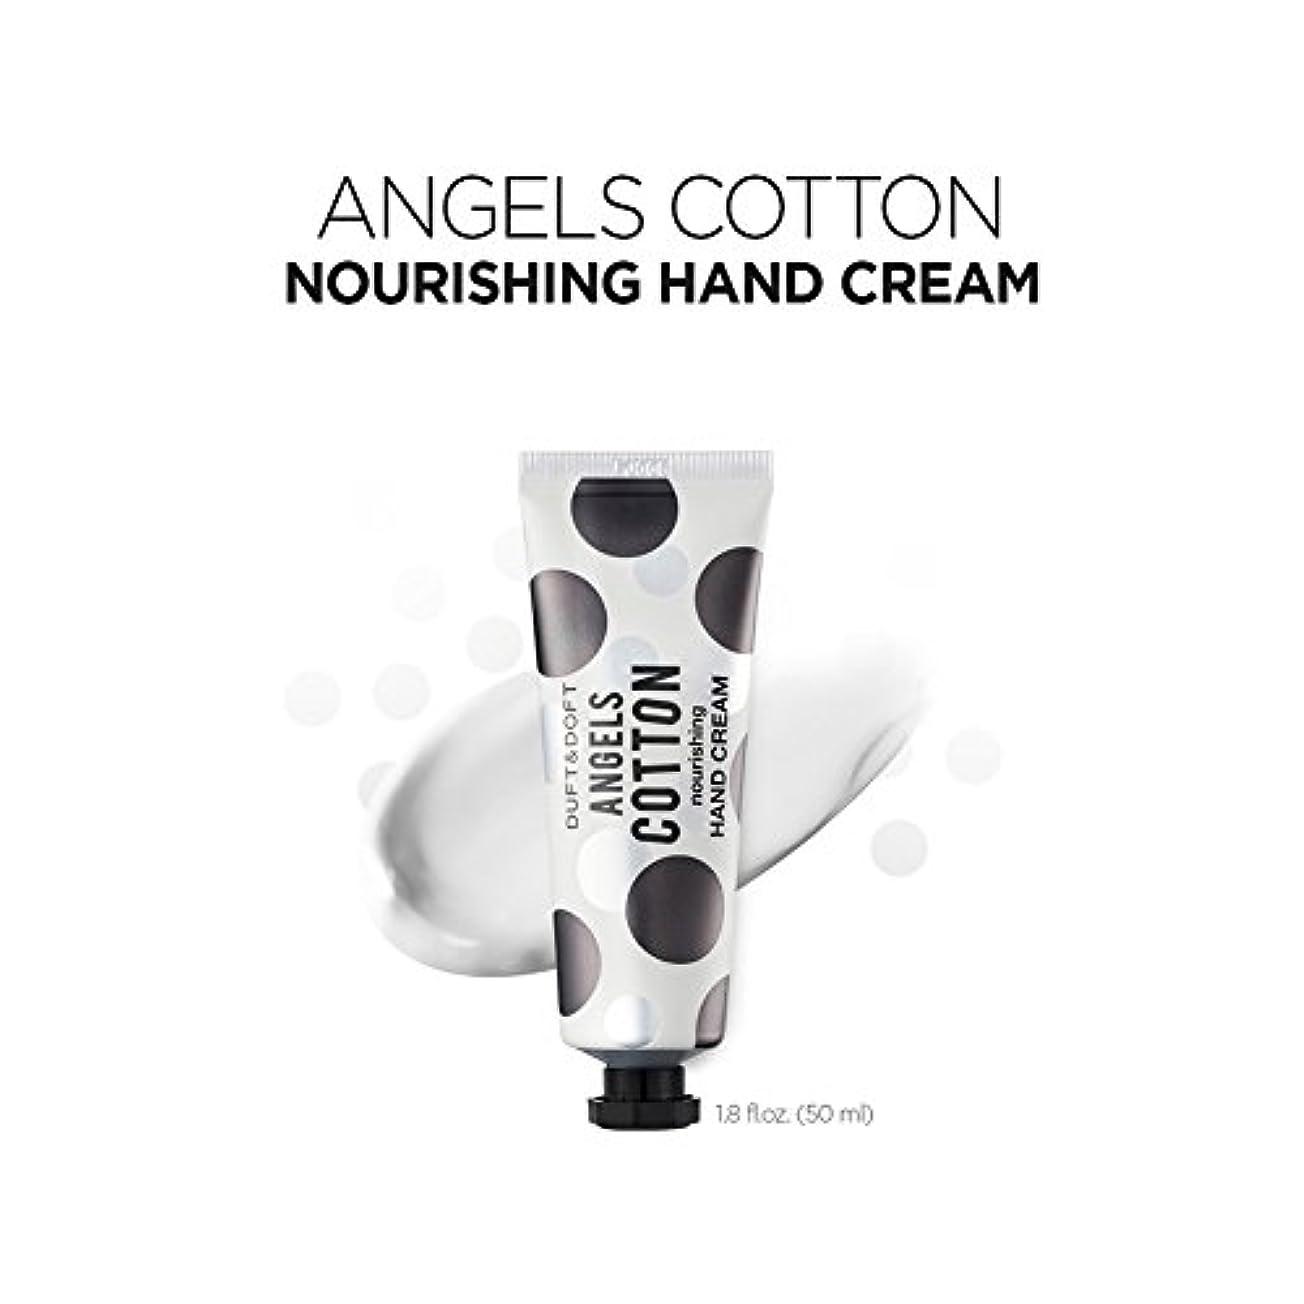 一貫性のない疫病欠陥ゥフト&ドフト [DUFT&DOFT] エンジェルコットン ナリシング ハンドクリーム Angel Cotton Nourishing Hand Cream (50ml + 50ml) / 韓国製 韓国直送品